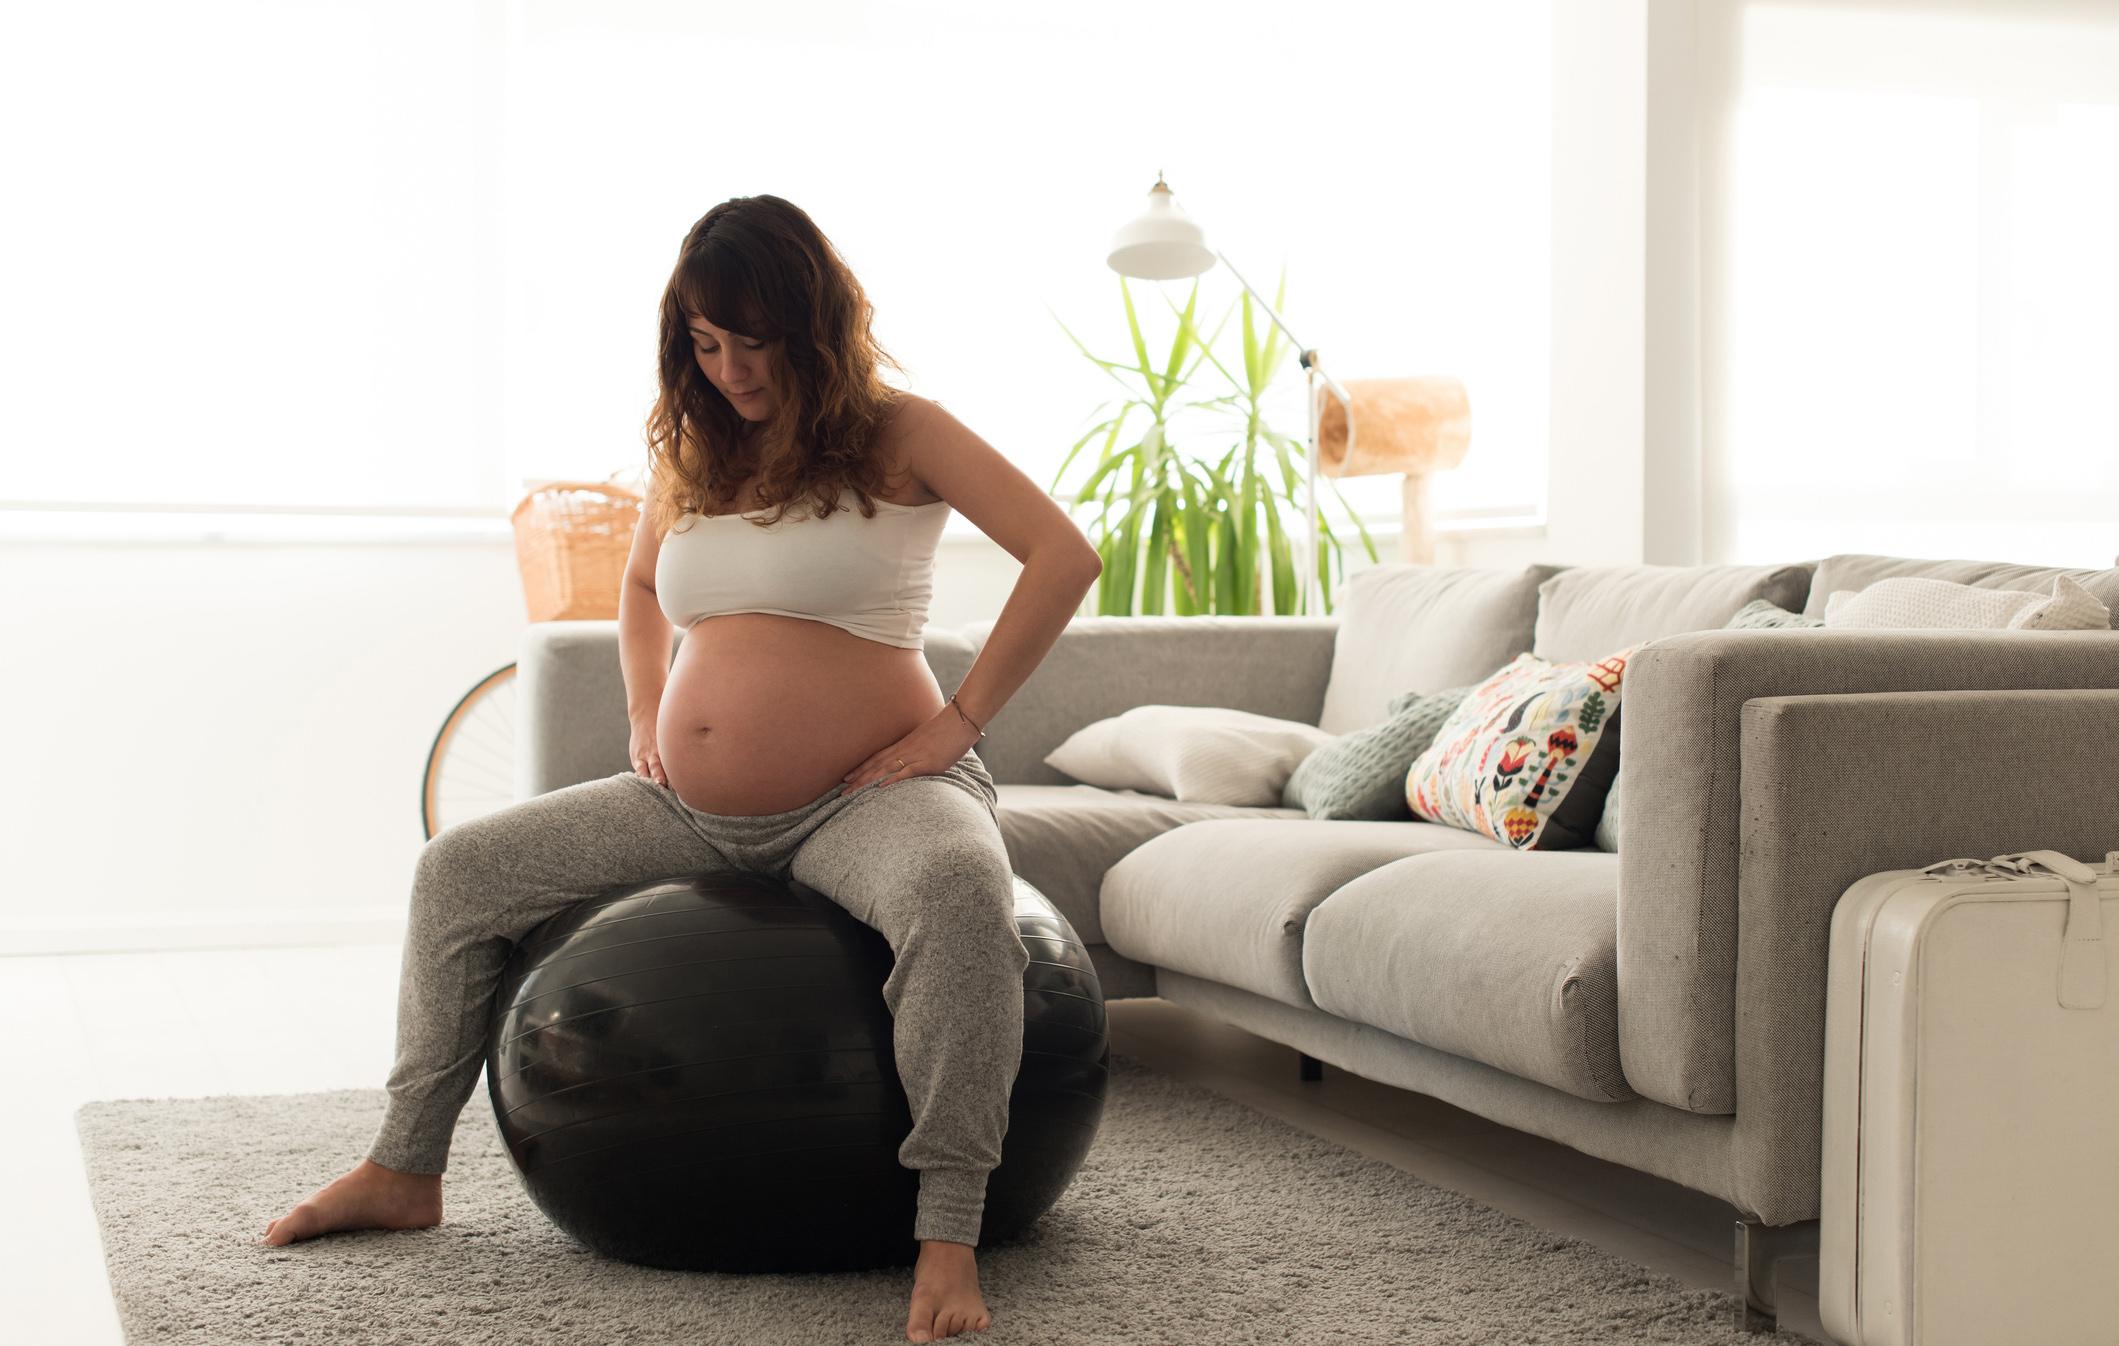 Korjaava synnytyskokemus alkoi hyvästä valmistautumisesta.